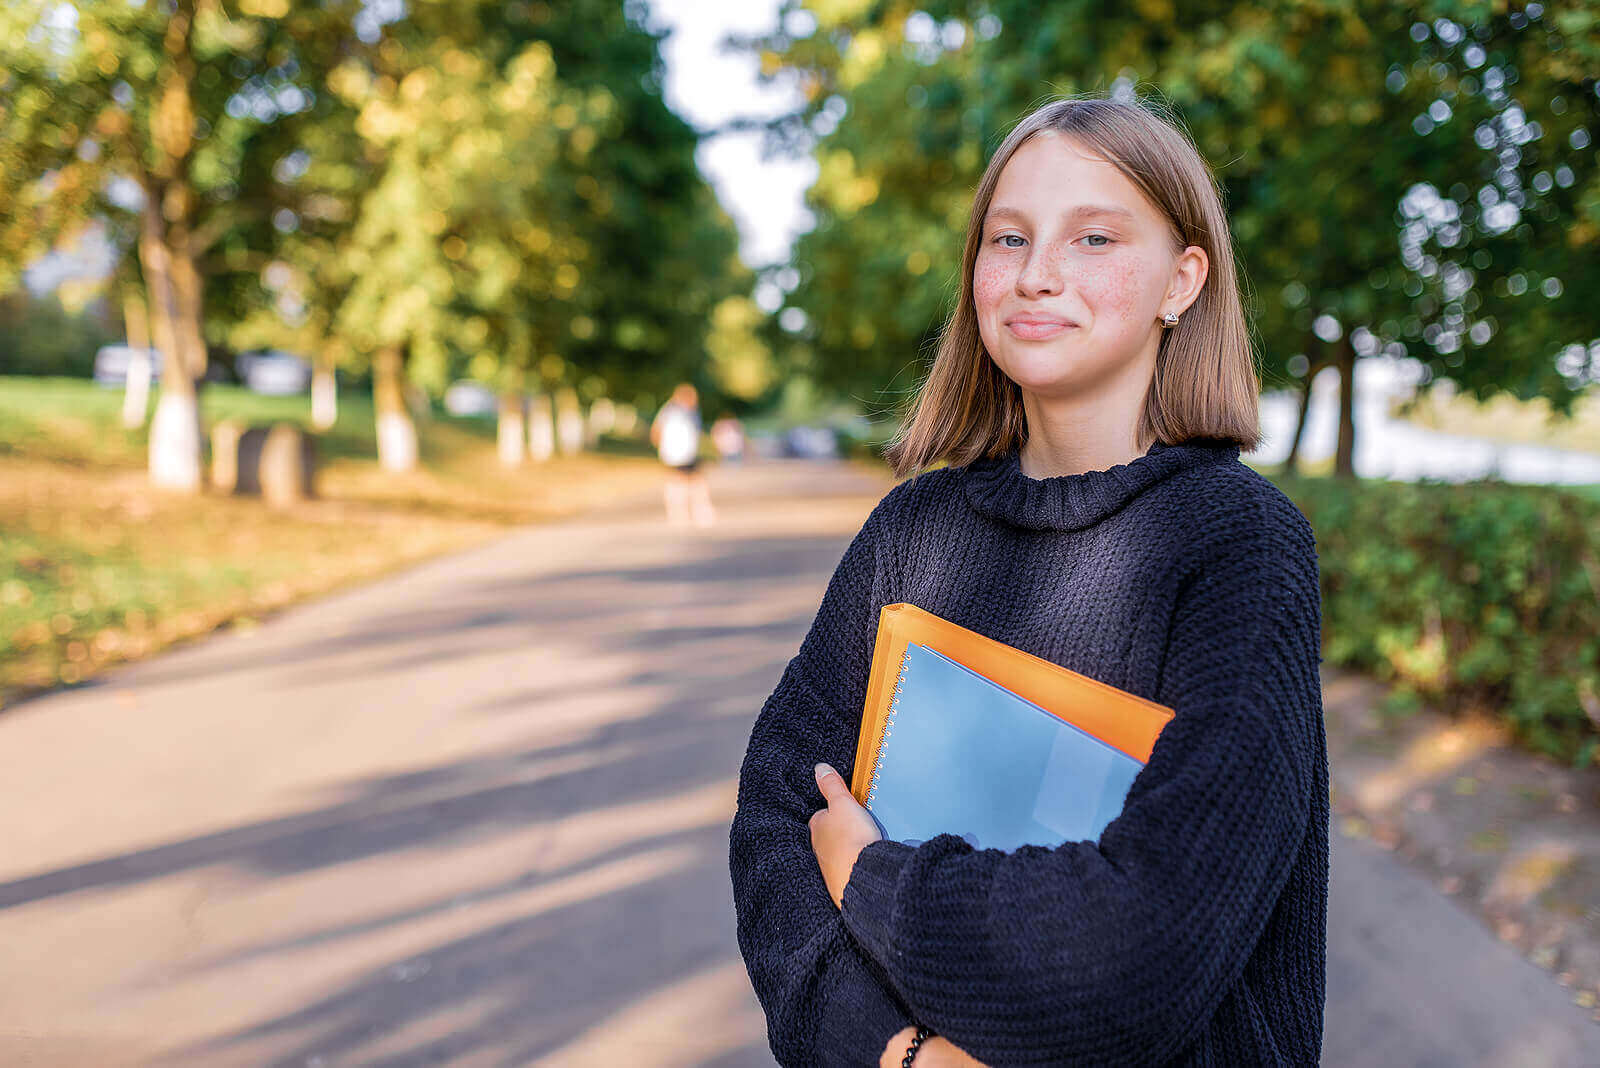 Hjelp ungdom med å velge en karrierevei basert på styrken